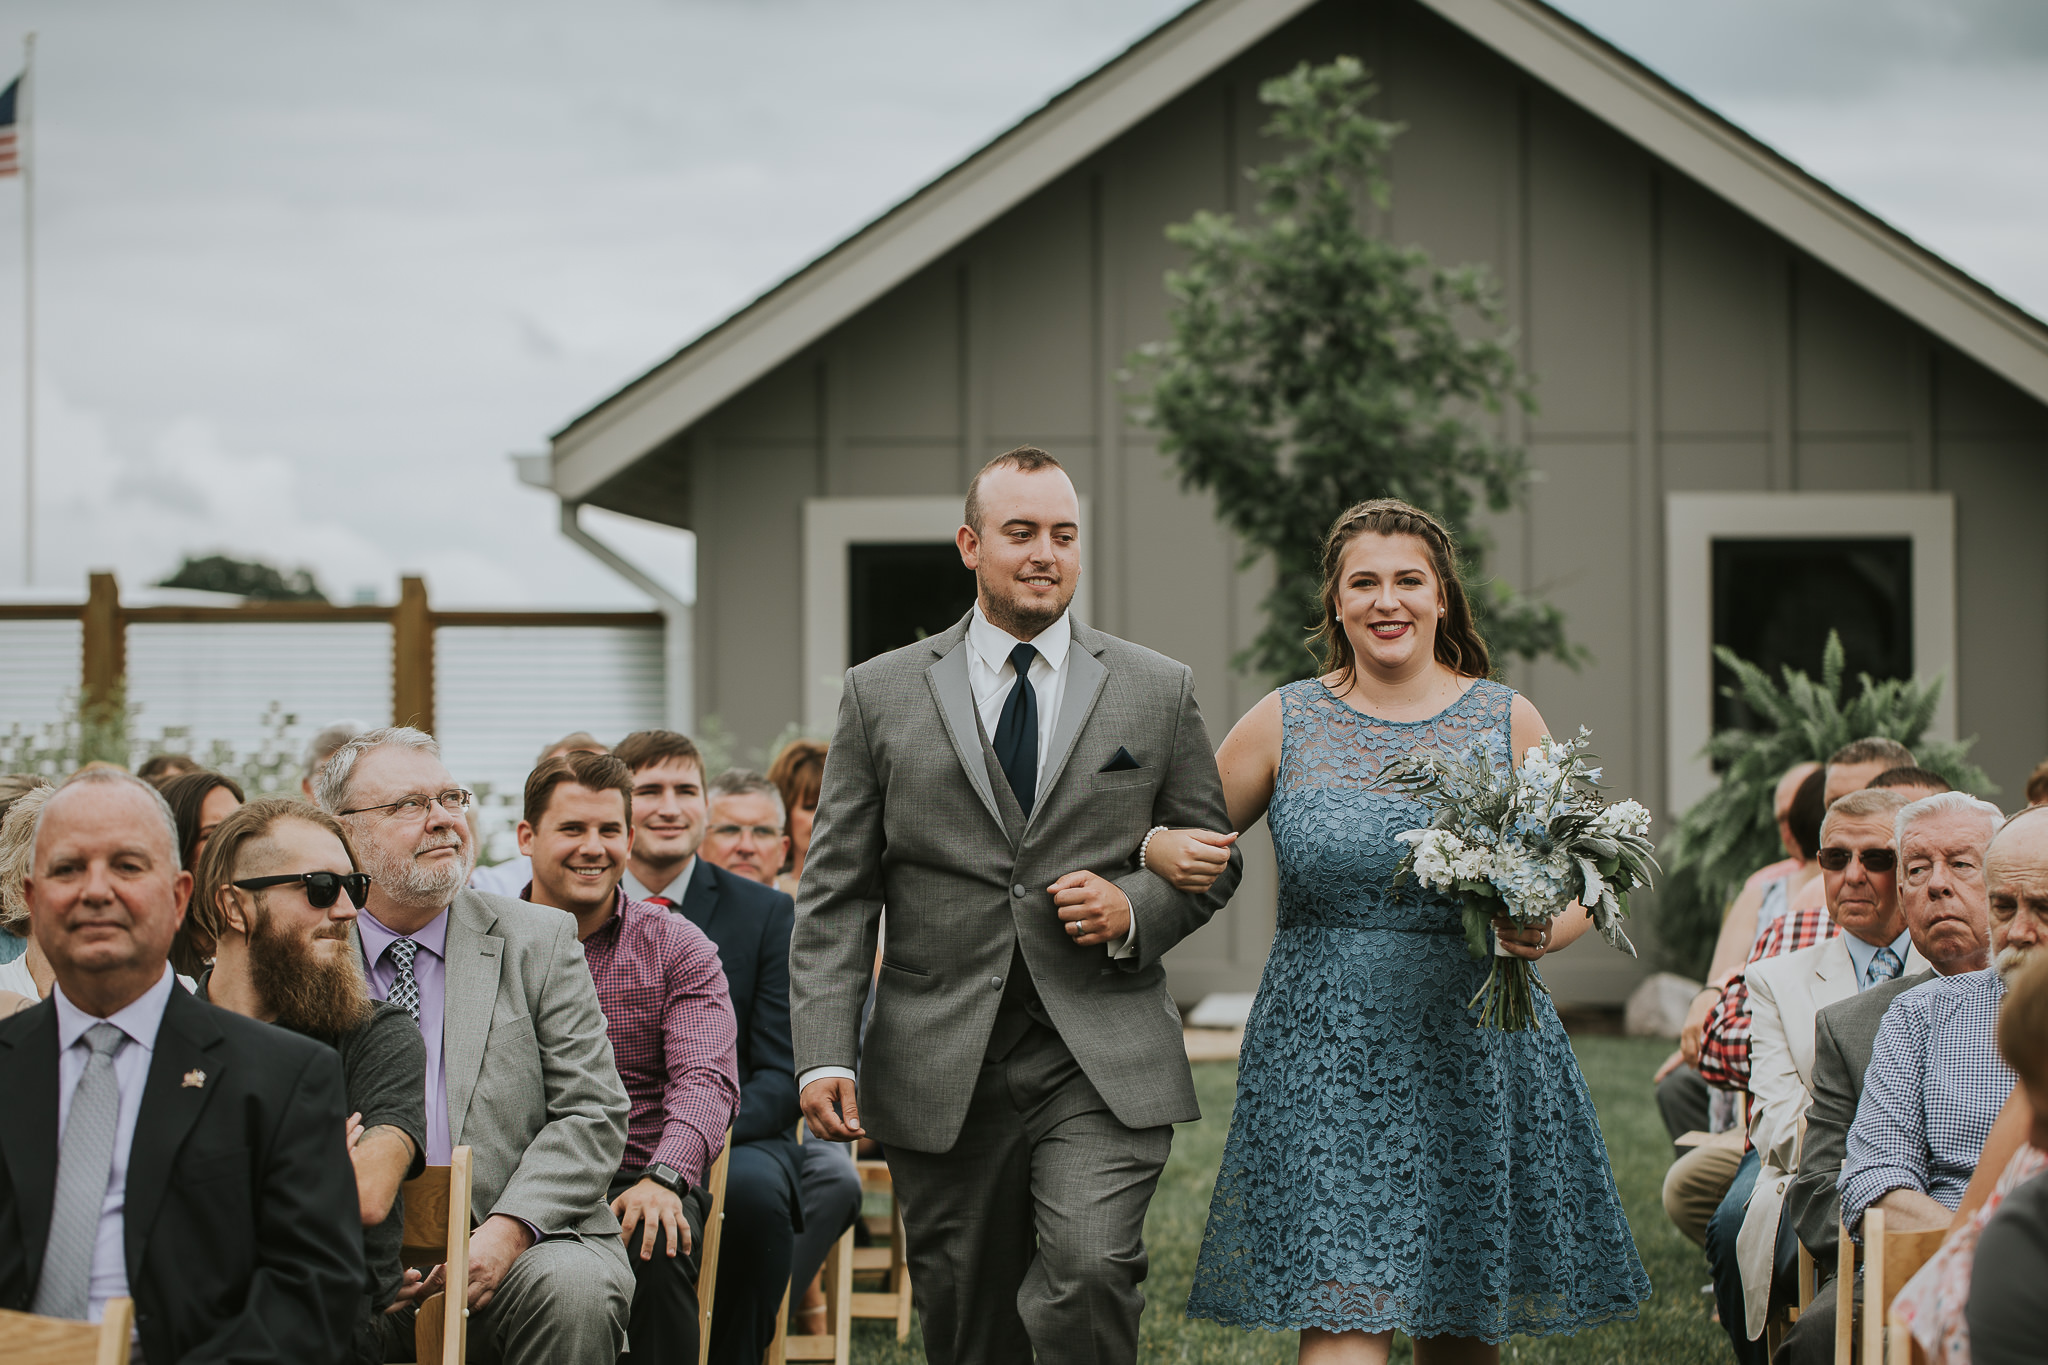 Wedding Photographers Indianapolis